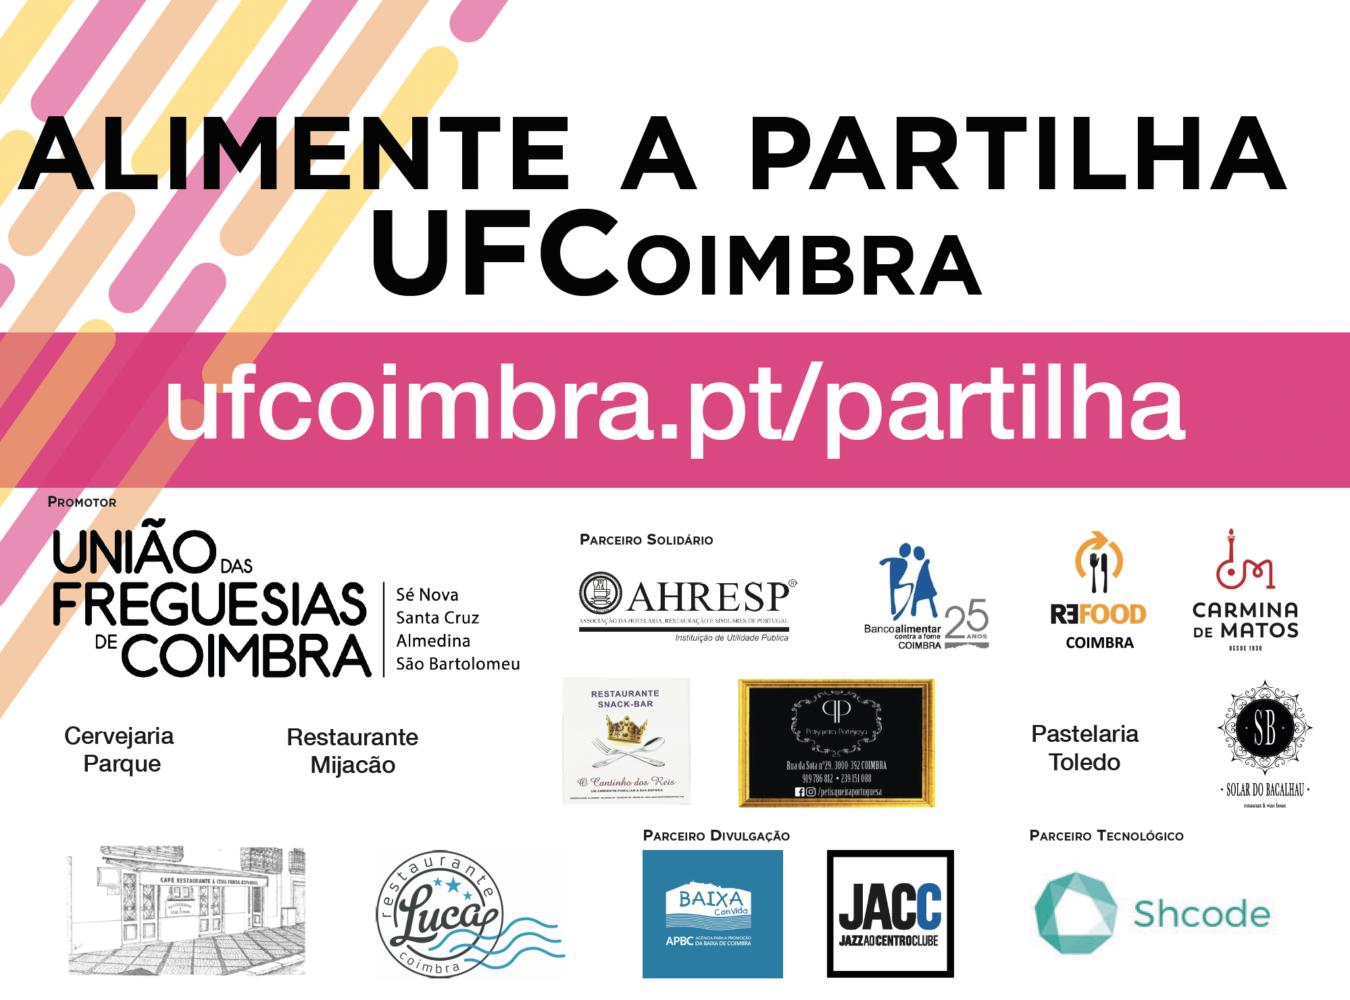 alimente_a_partilha